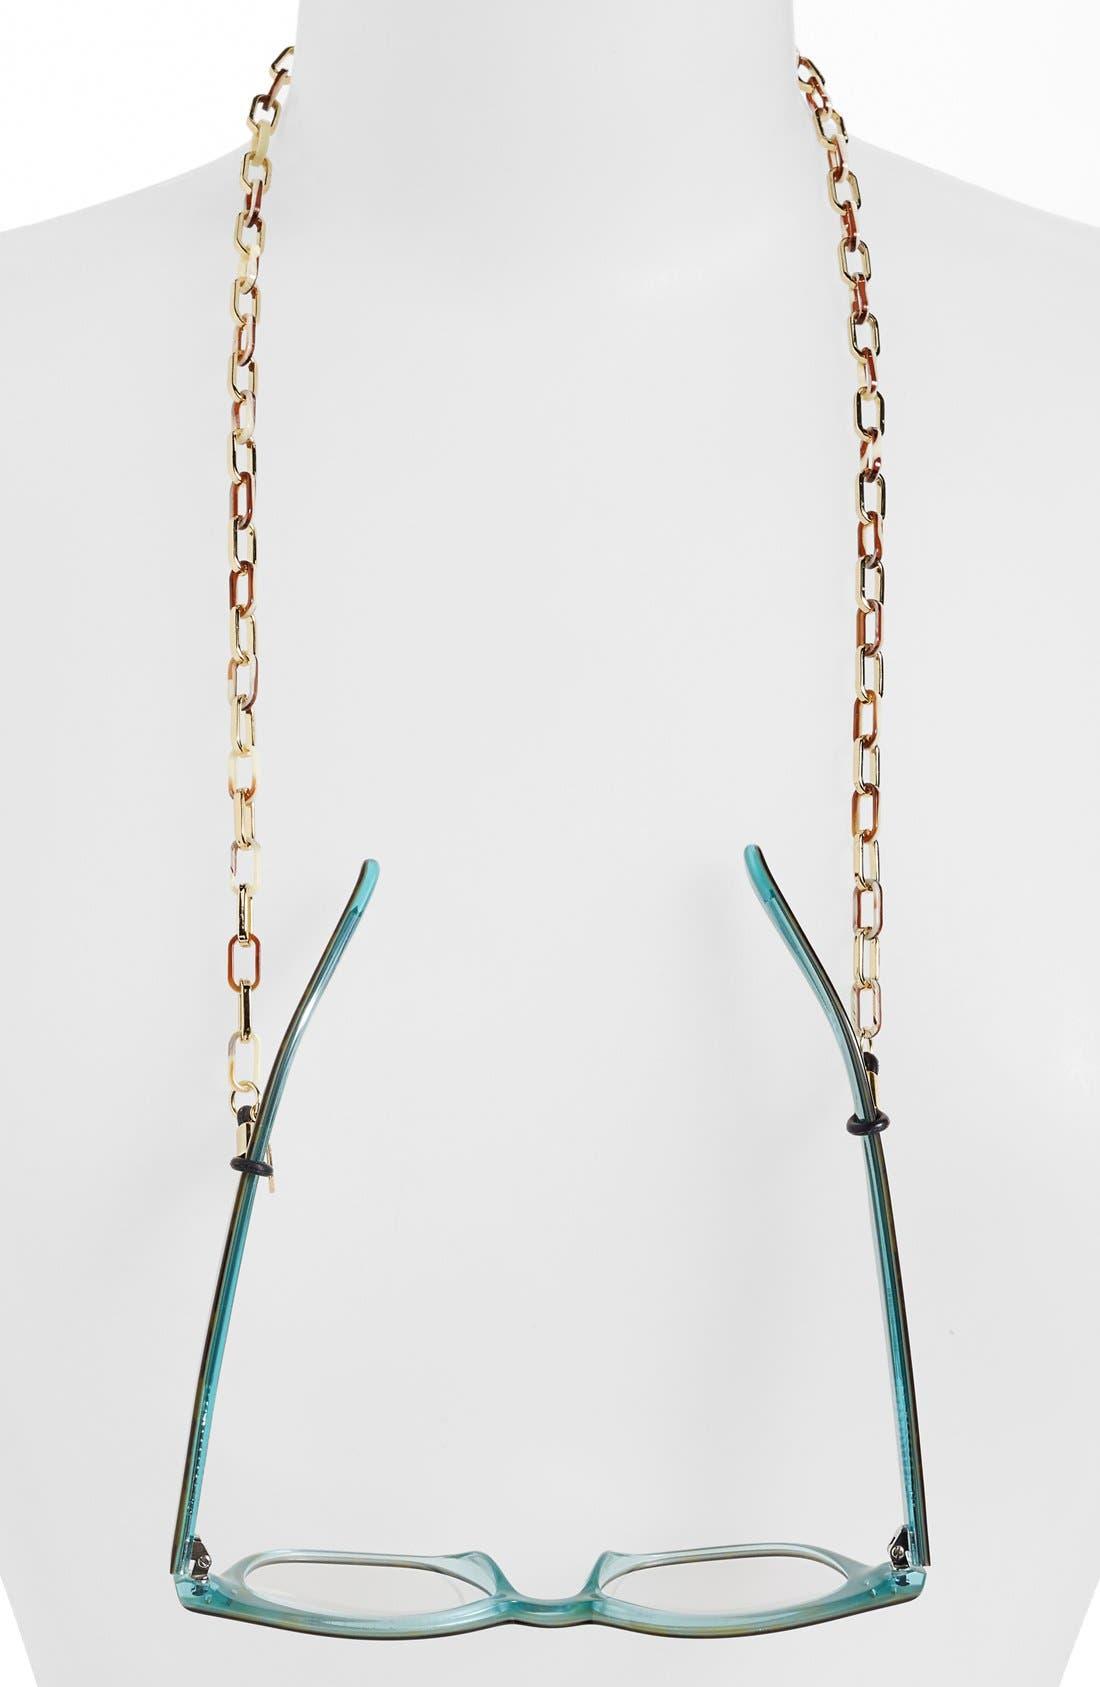 Alternate Image 1 Selected - L. Erickson 'Magdelan' Mini Metal Link Eyewear Chain